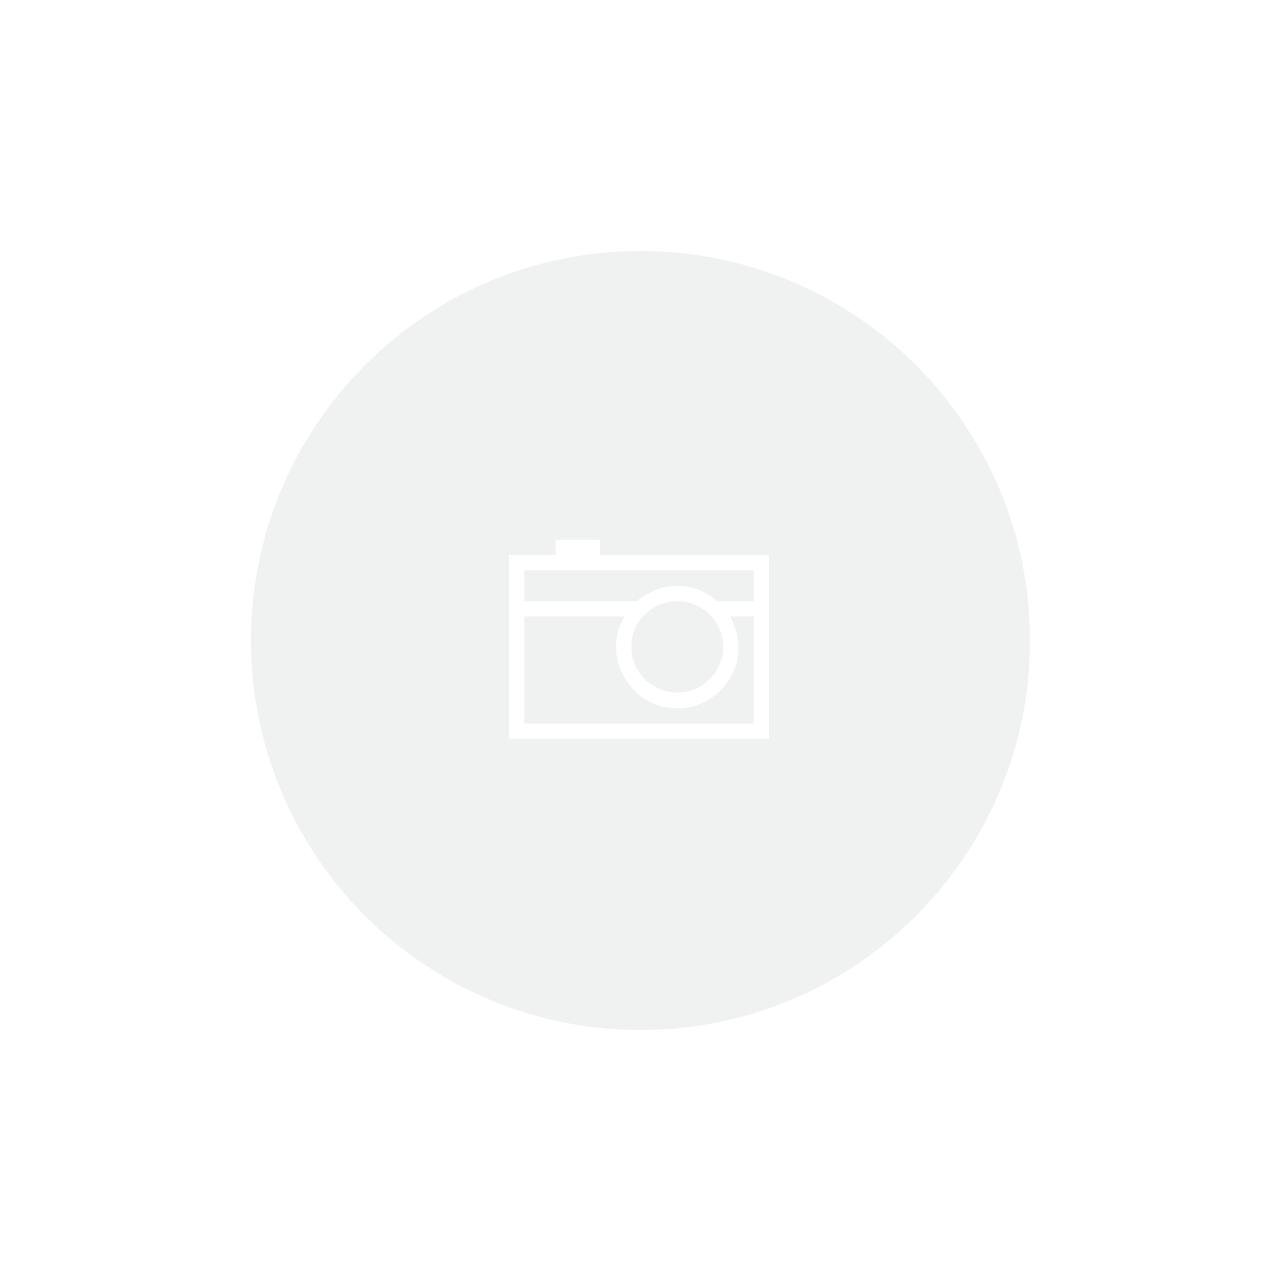 Caçarola Funda Inox Ø20Cm 3,60 Litros Professional Tramontina